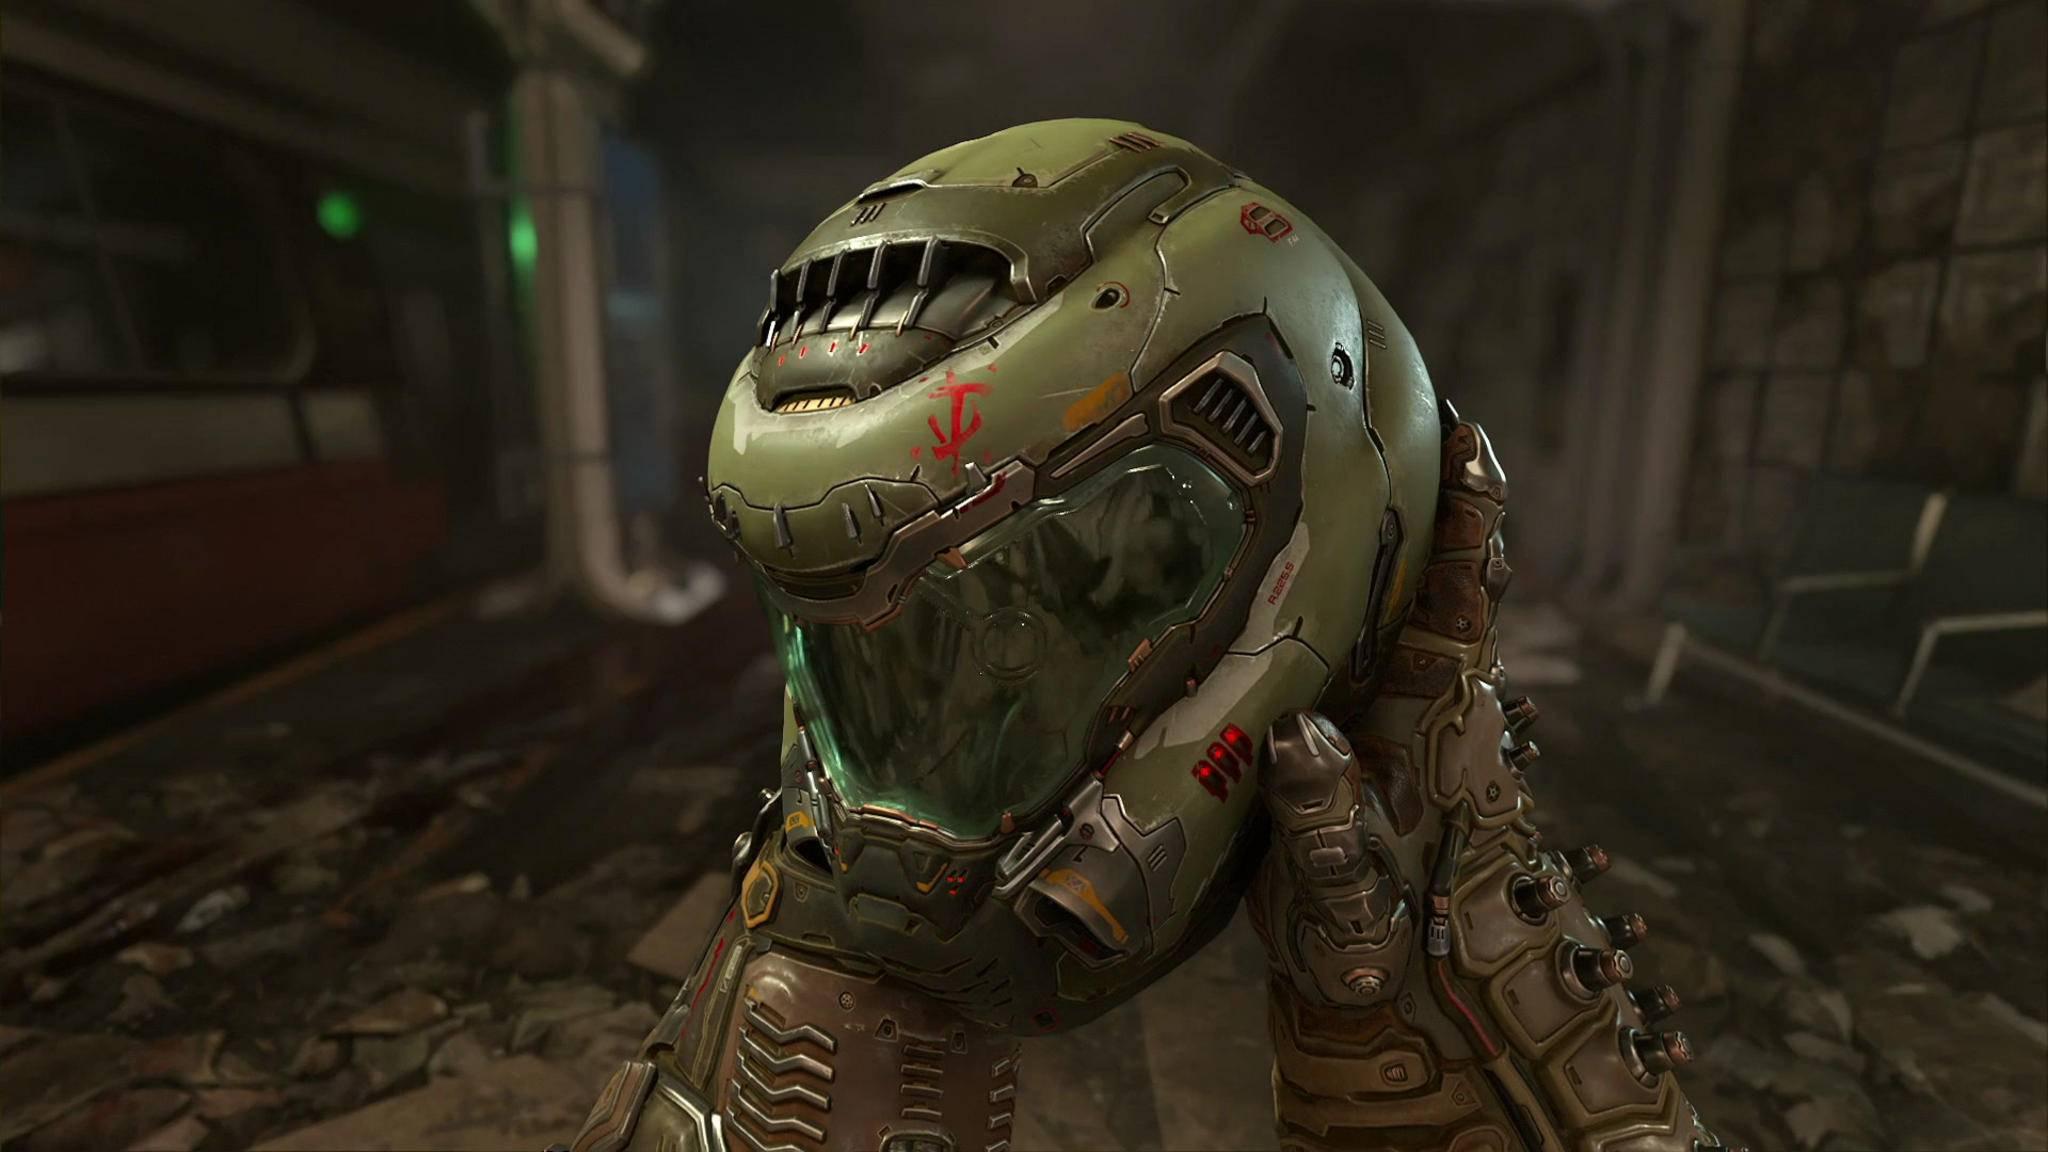 """Was macht der Doom-Guy eigentlich, wenn er nicht gerade Dämonen metzelt? Das erfahren wir womöglich in """"Doom Eternal""""."""